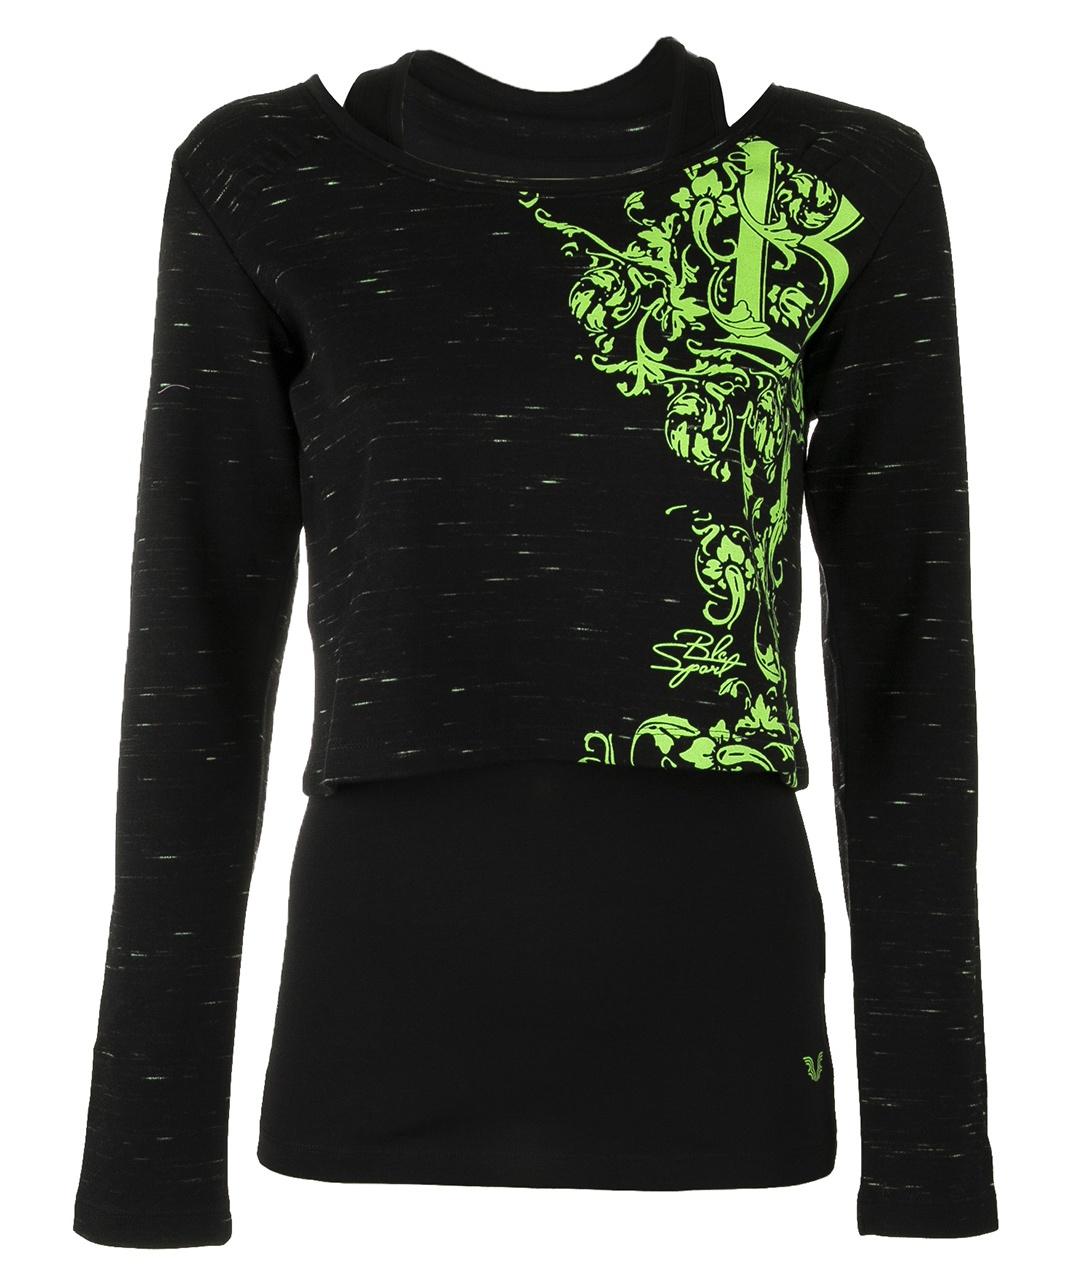 تصویر ست تاپ و تی شرت زنانه بیلسی مدل 51W8384-IN-SIYAH-NEONYESIL